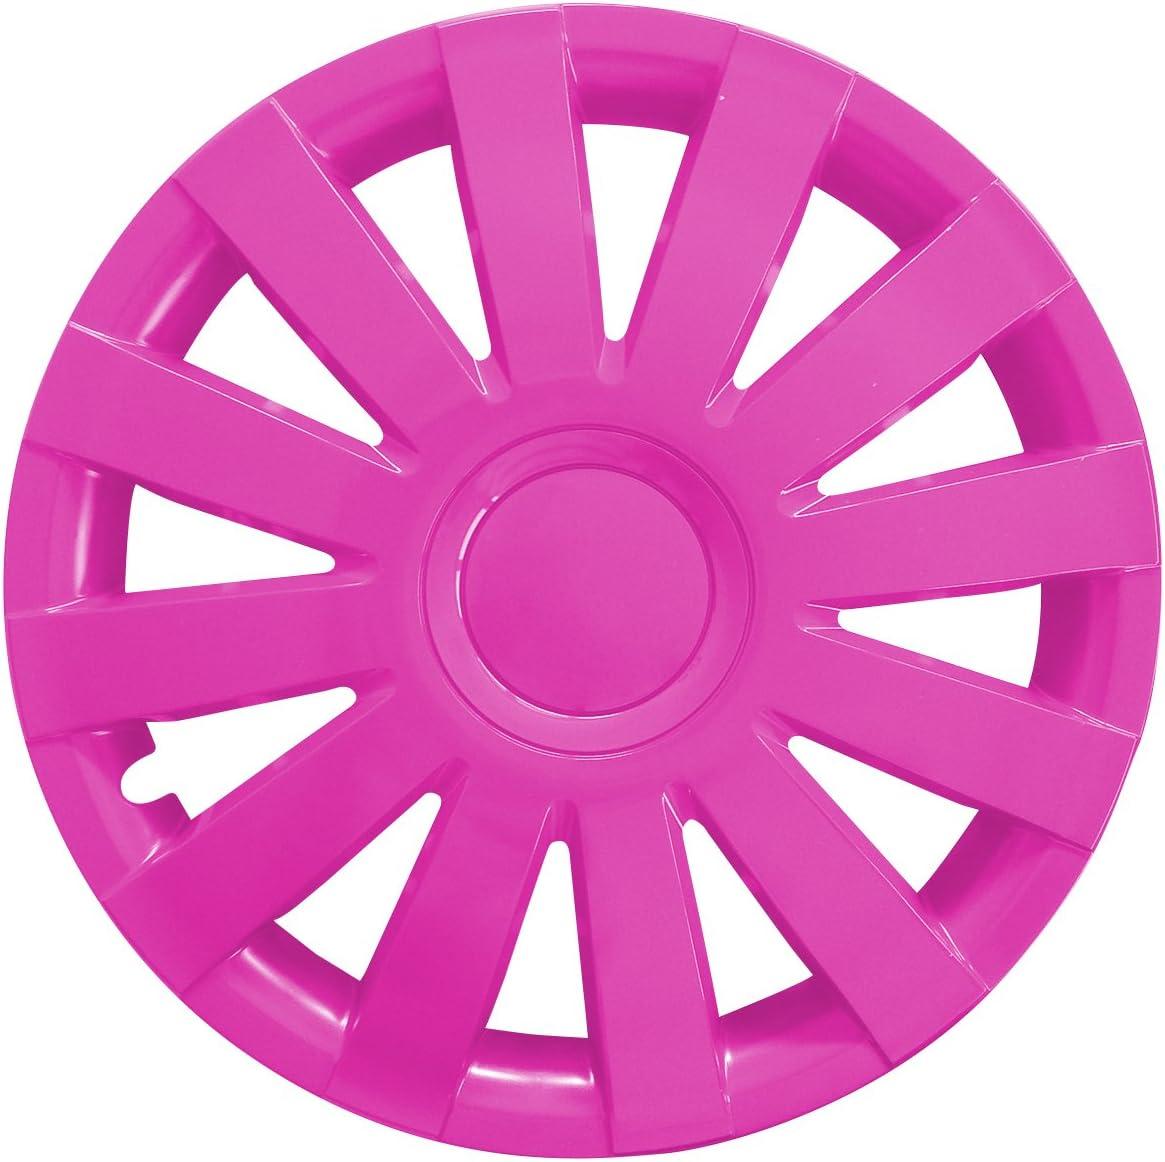 Eight Tec Handelsagentur Farbe Größe Wählbar 4er Set 15 Zoll Agat Pink Radkappen Radzierblenden Radabdeckungen Universal Auto